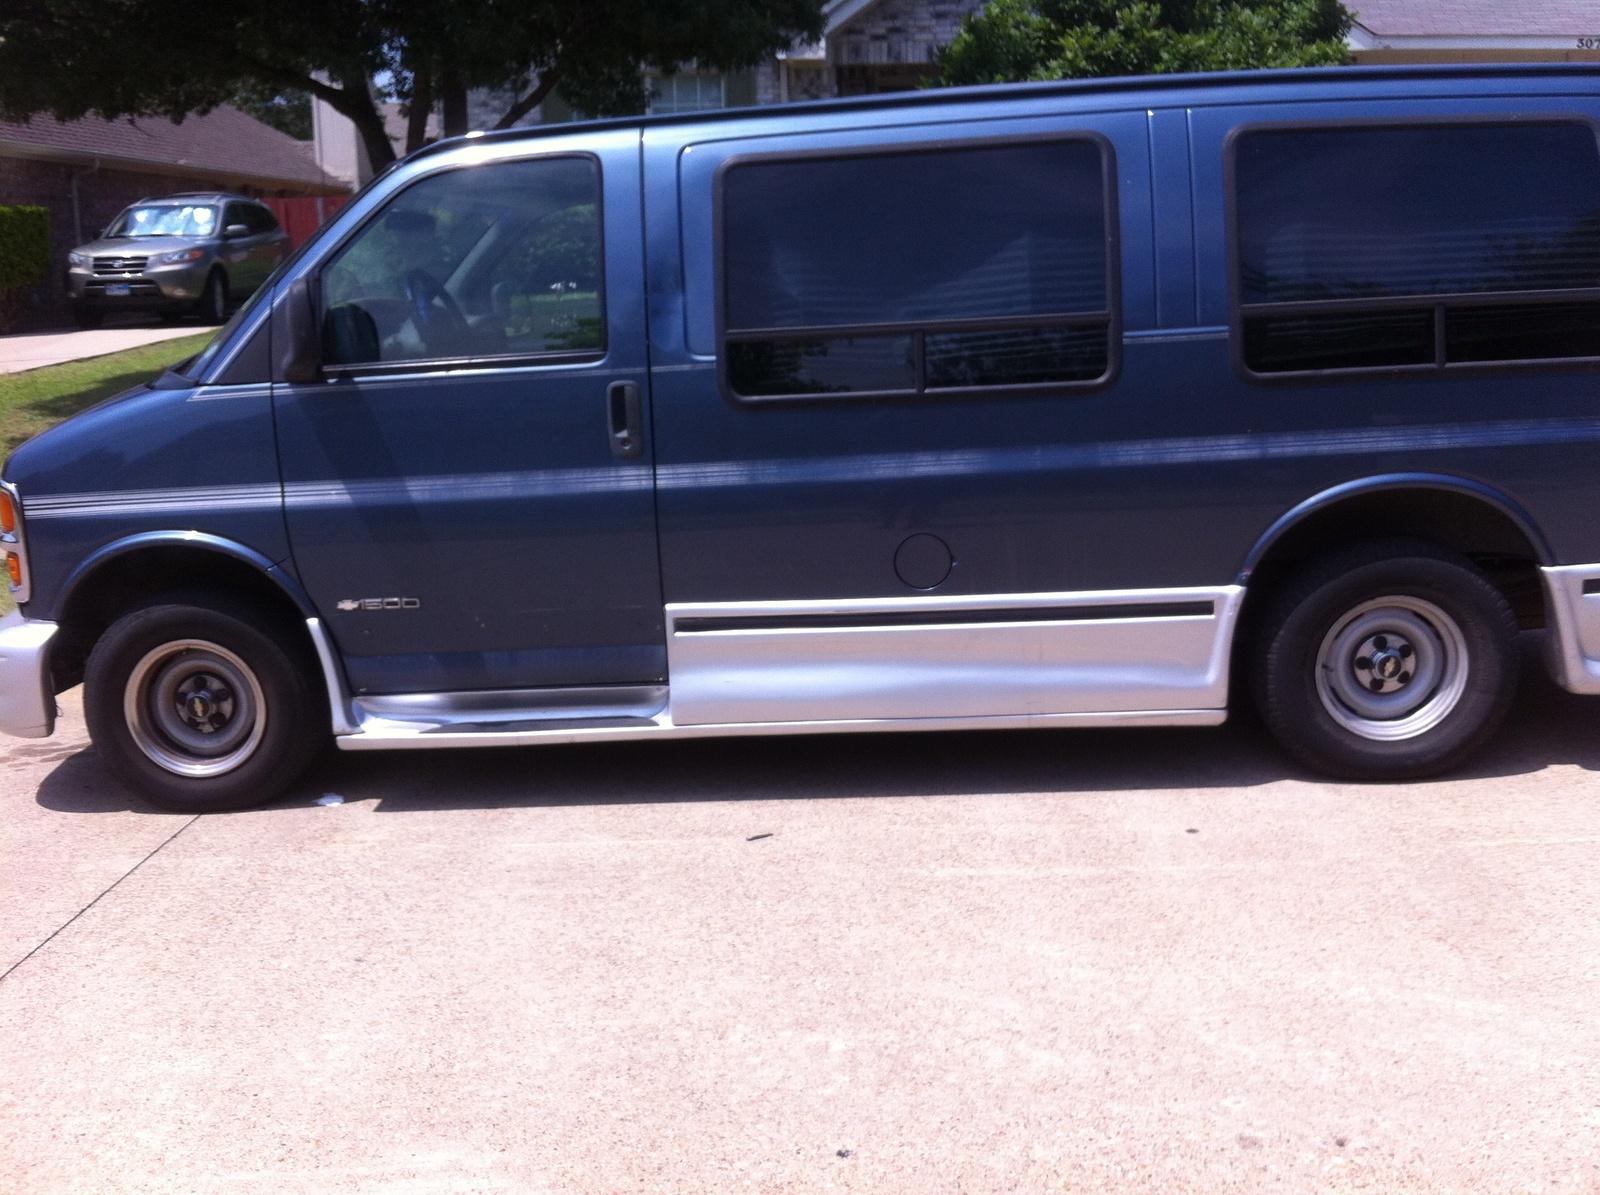 Picture of 1998 Chevrolet Chevy Van 3 Dr G1500 Cargo Van